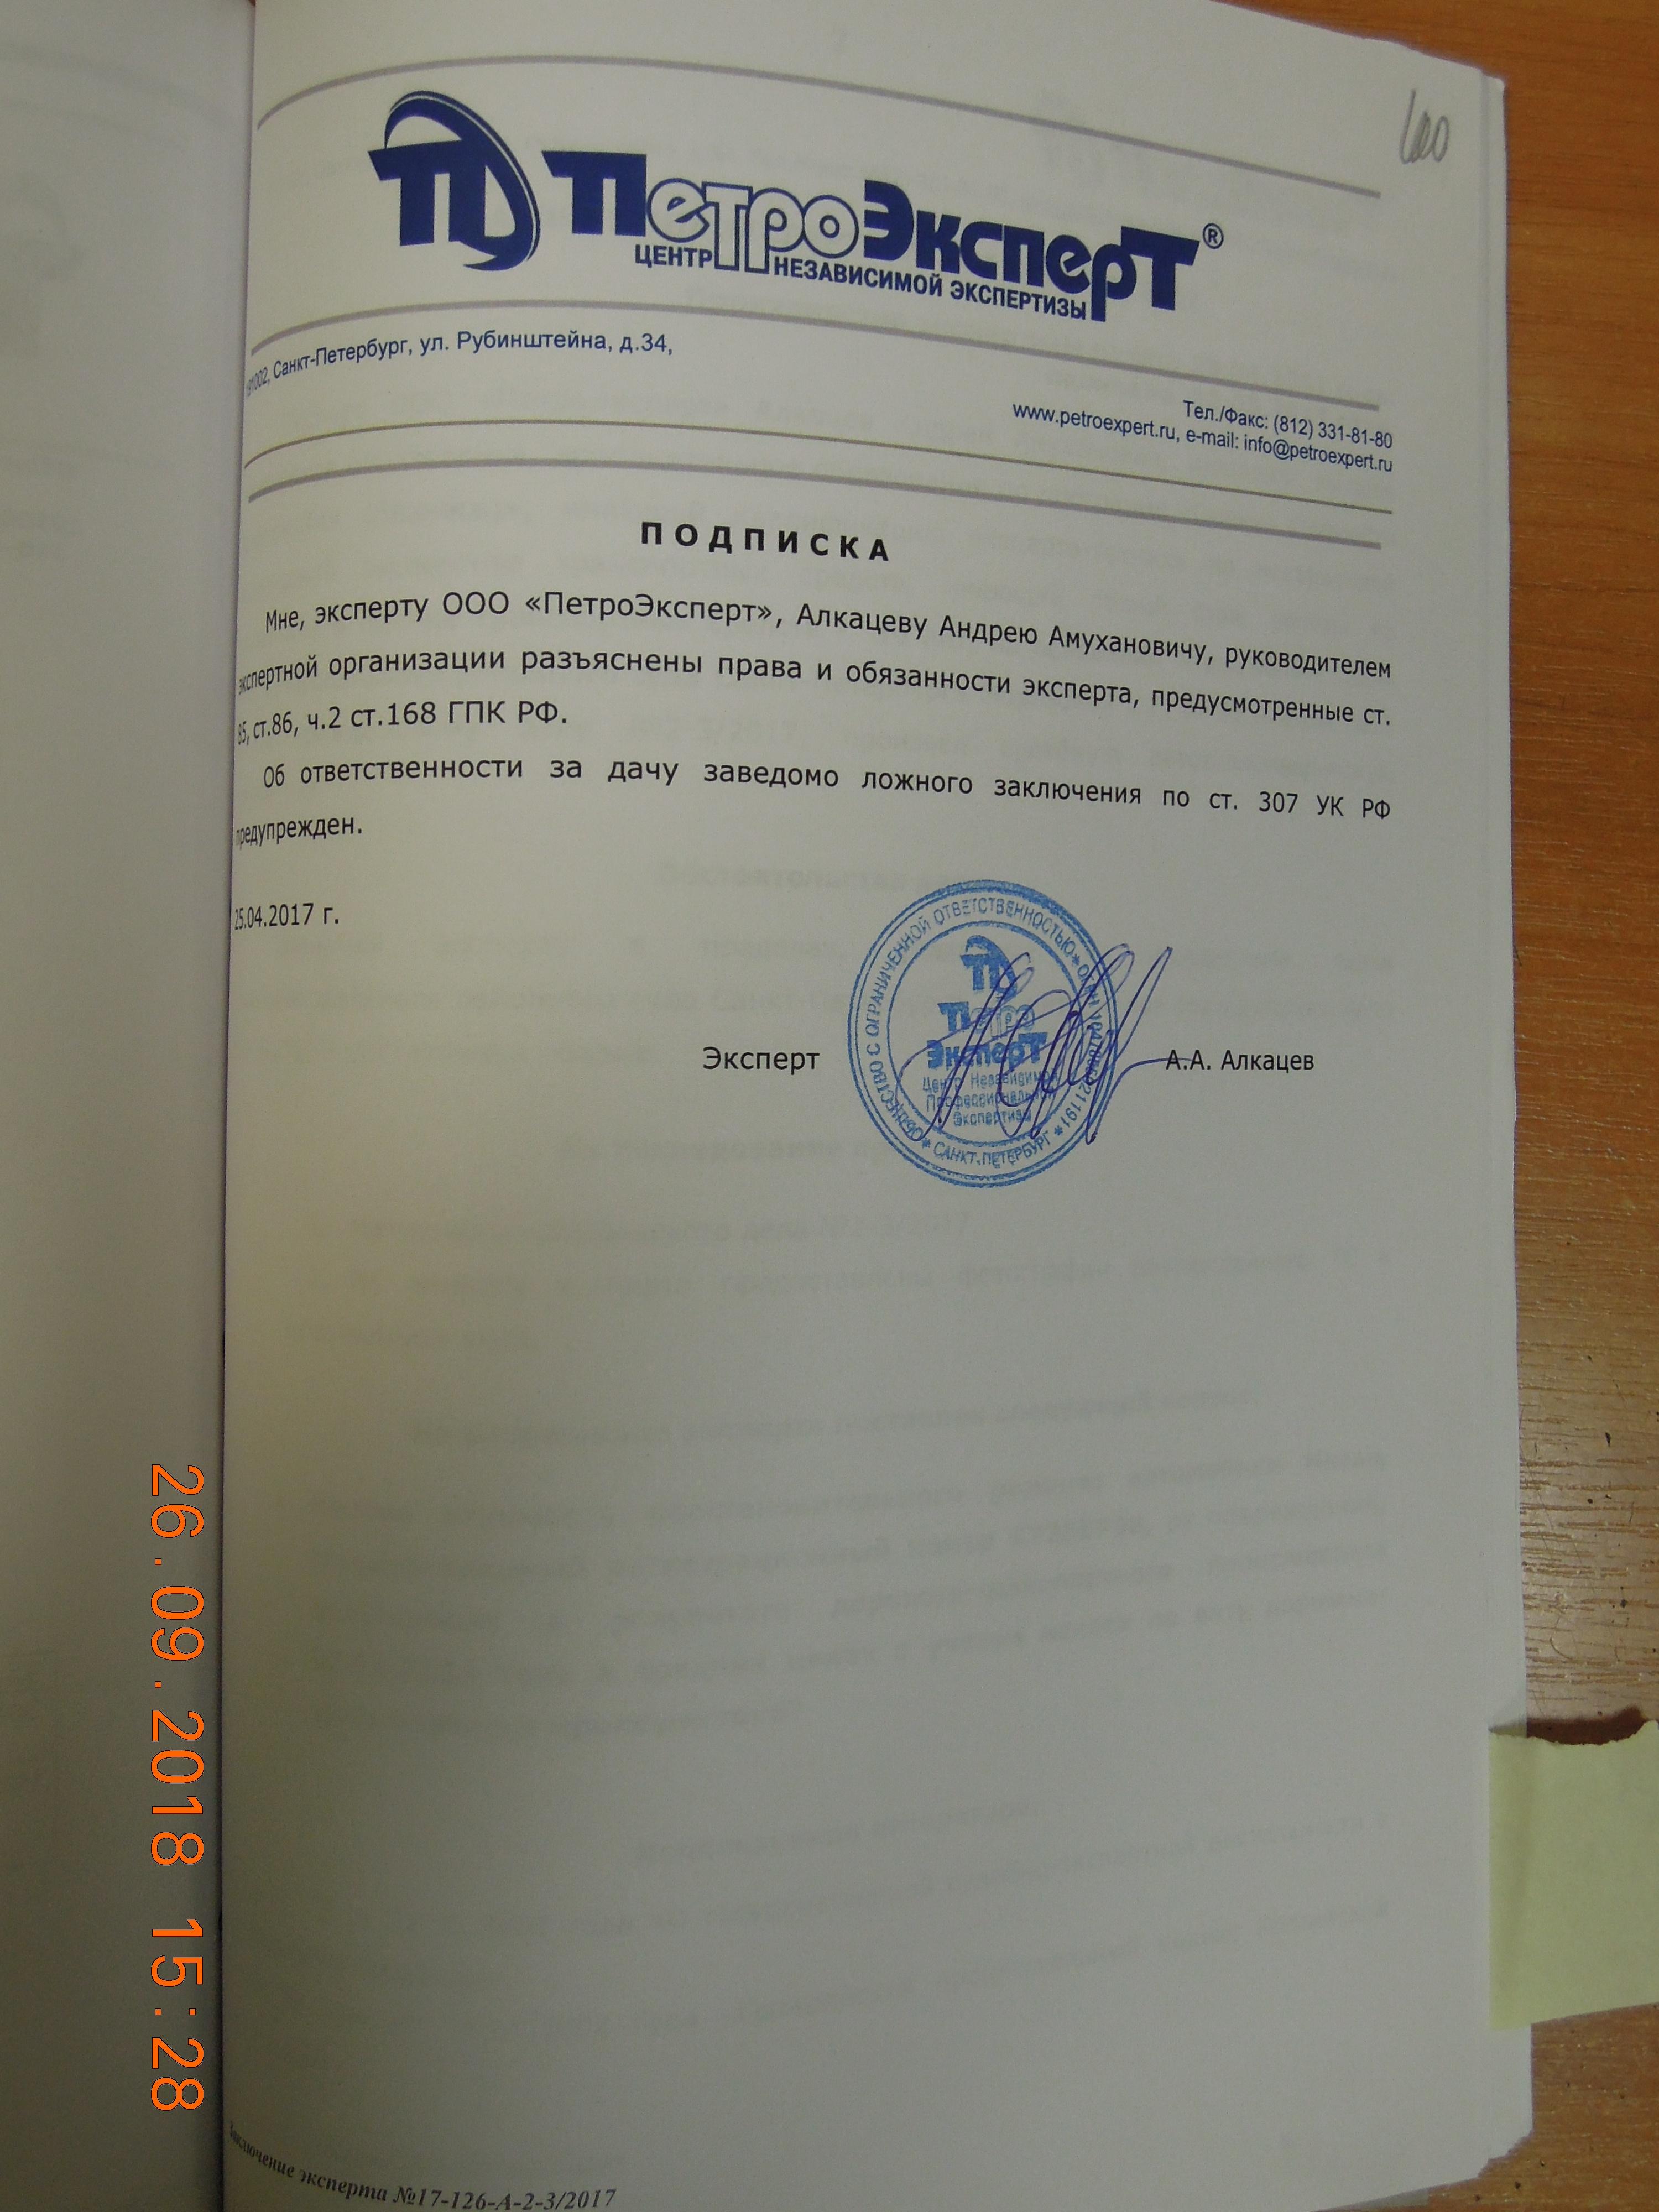 DSCN4548.JPG